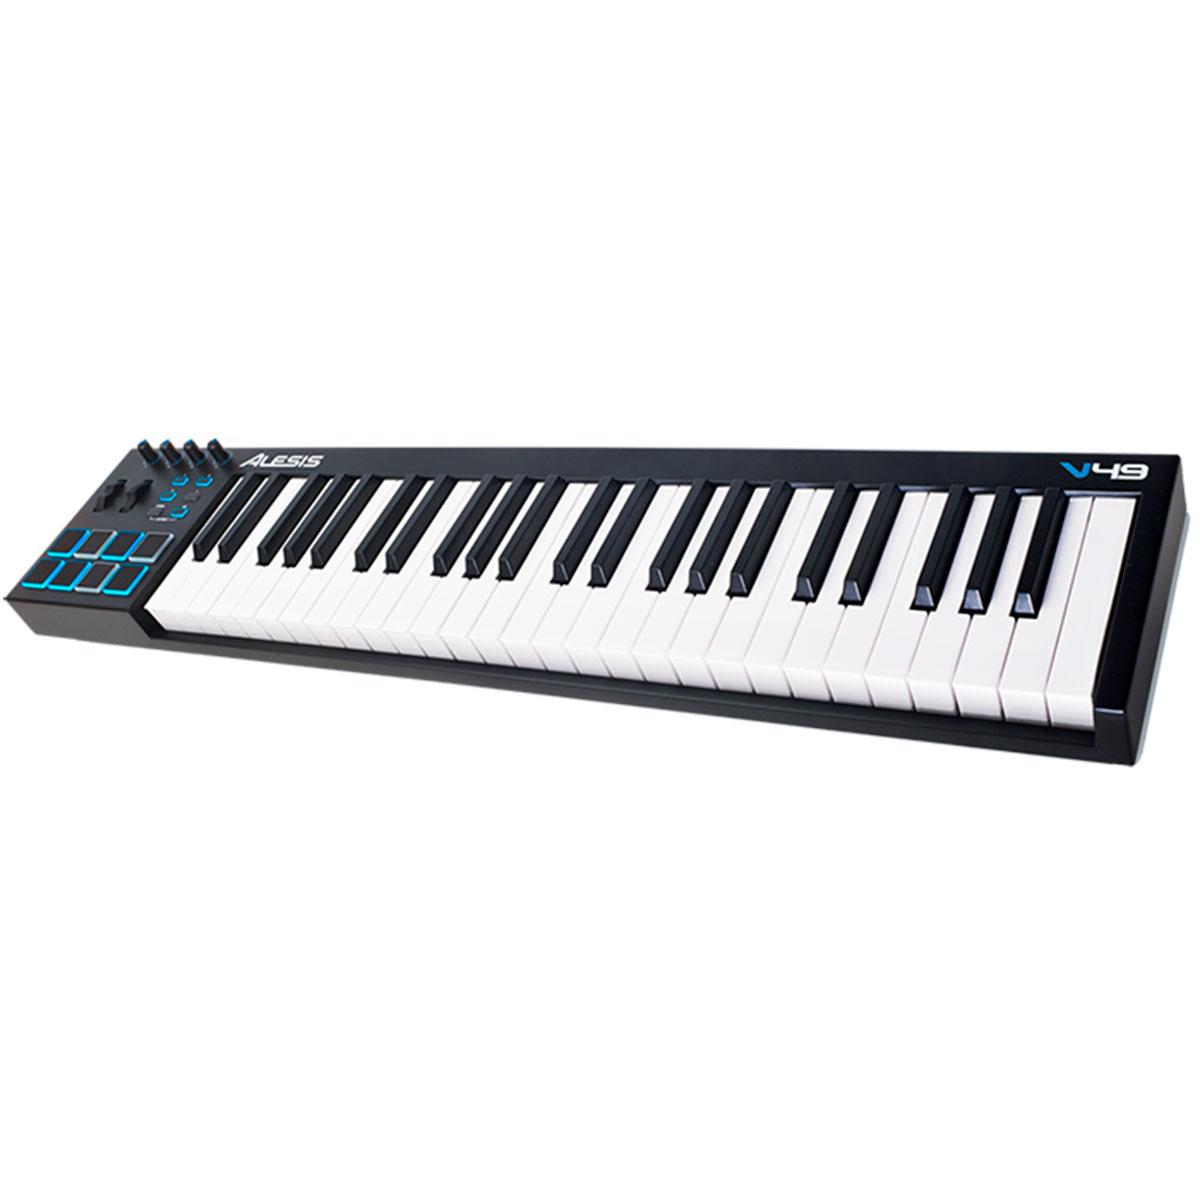 Teclado Controlador MIDI 49 Teclas c/ USB - V 49 Alesis